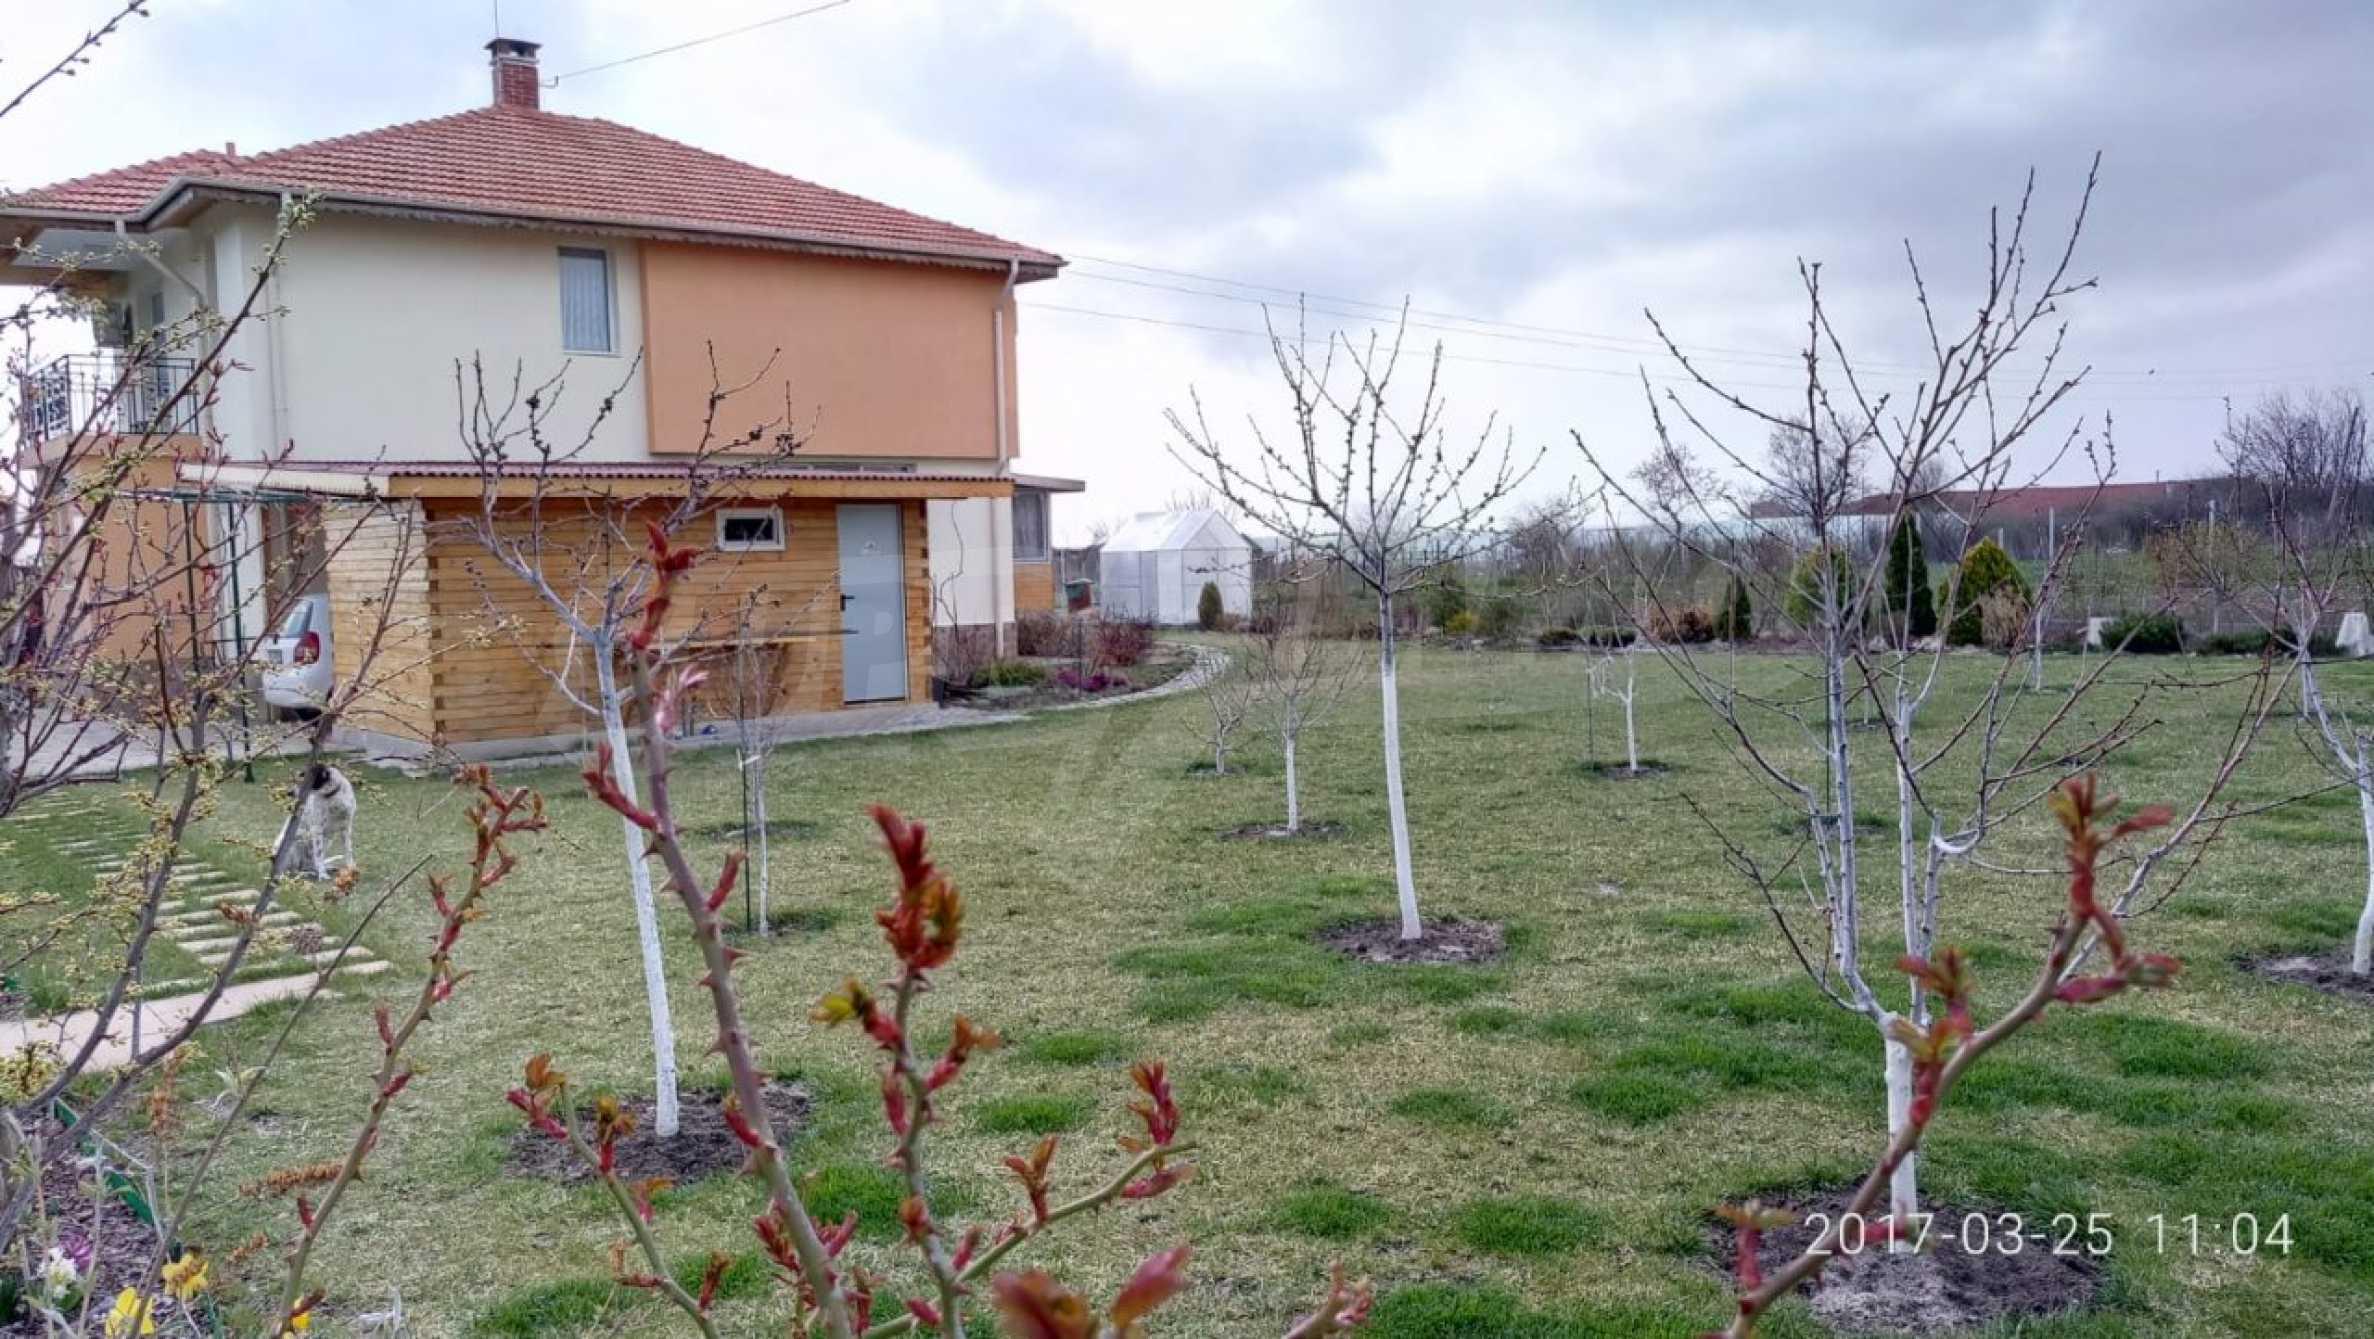 Herrliches Haus mit stilvoller Einrichtung im Df. Kamenar, Gemeinde Pomorie 21